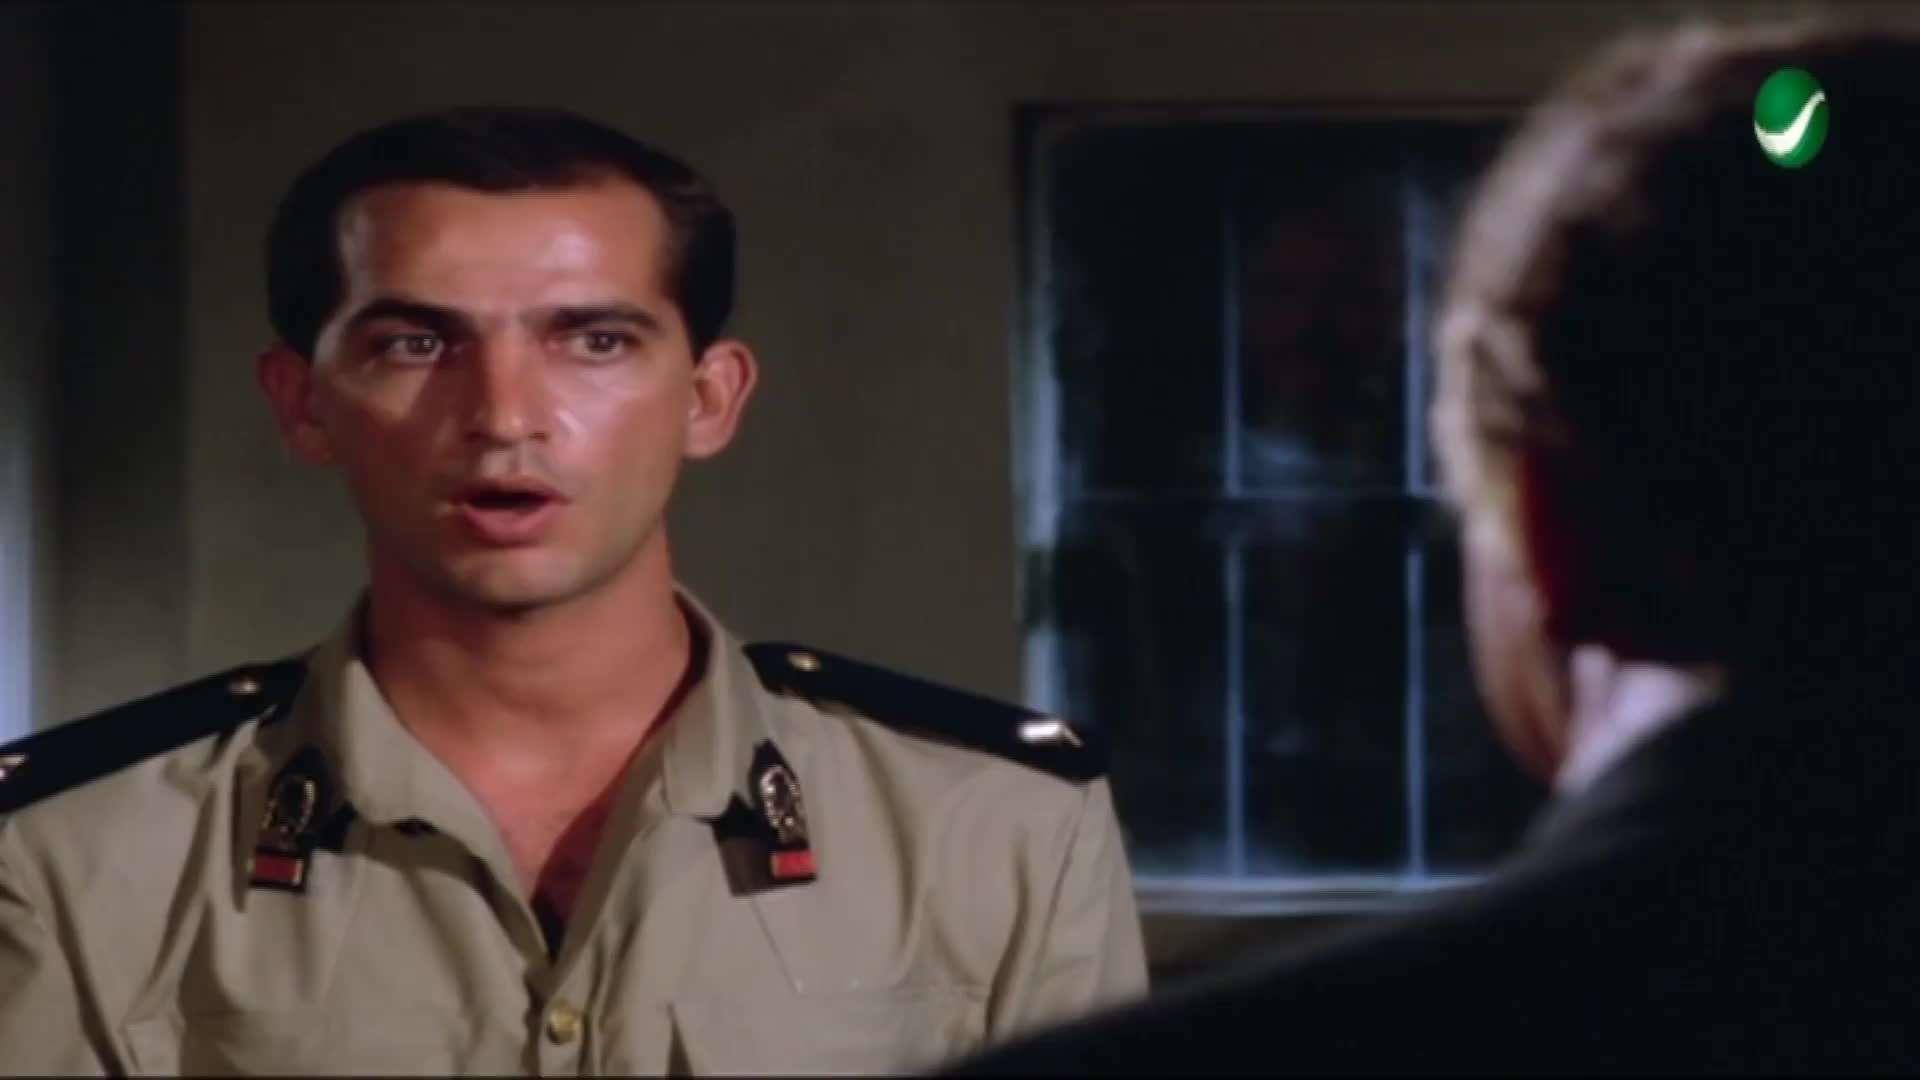 [فيلم][تورنت][تحميل][الجبلاوي][1991][1080p][Web-DL] 13 arabp2p.com